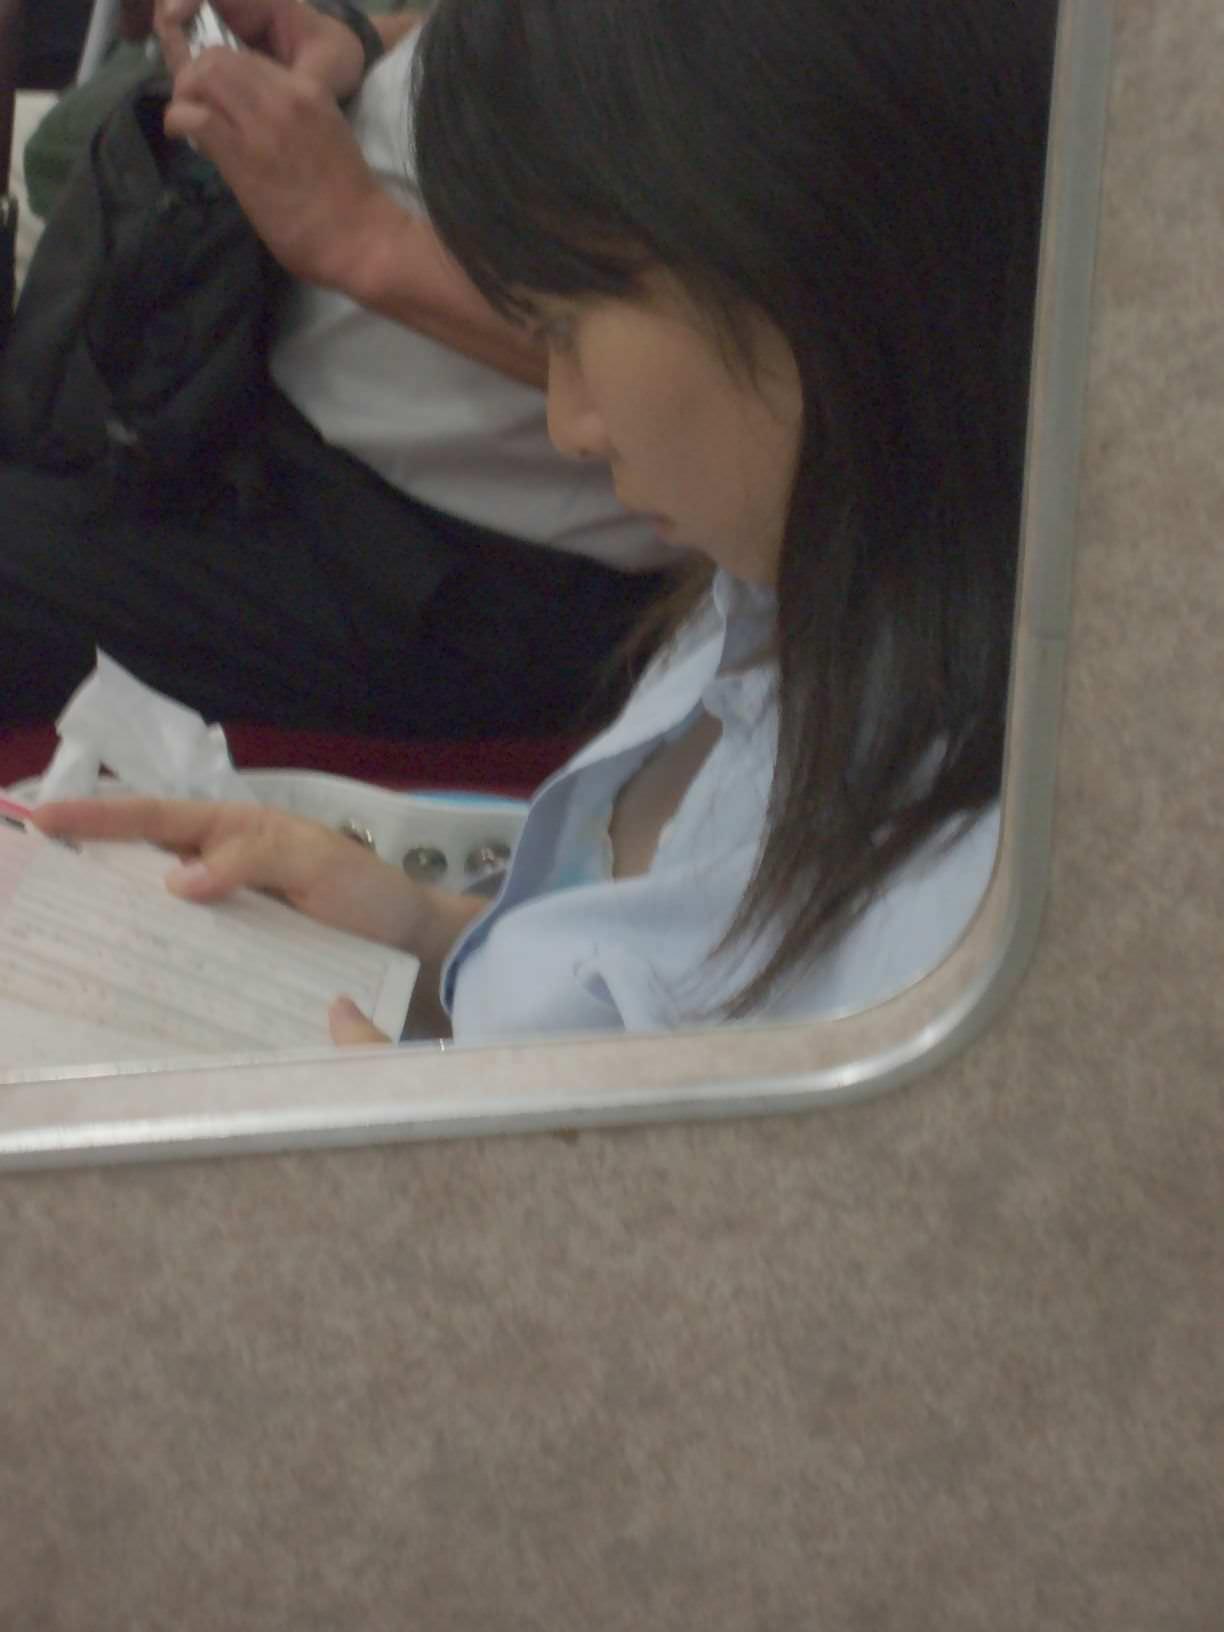 電車内で本当にあったヤバイエロ画像wwwwwwwwwwwwwww 1FxkpyW